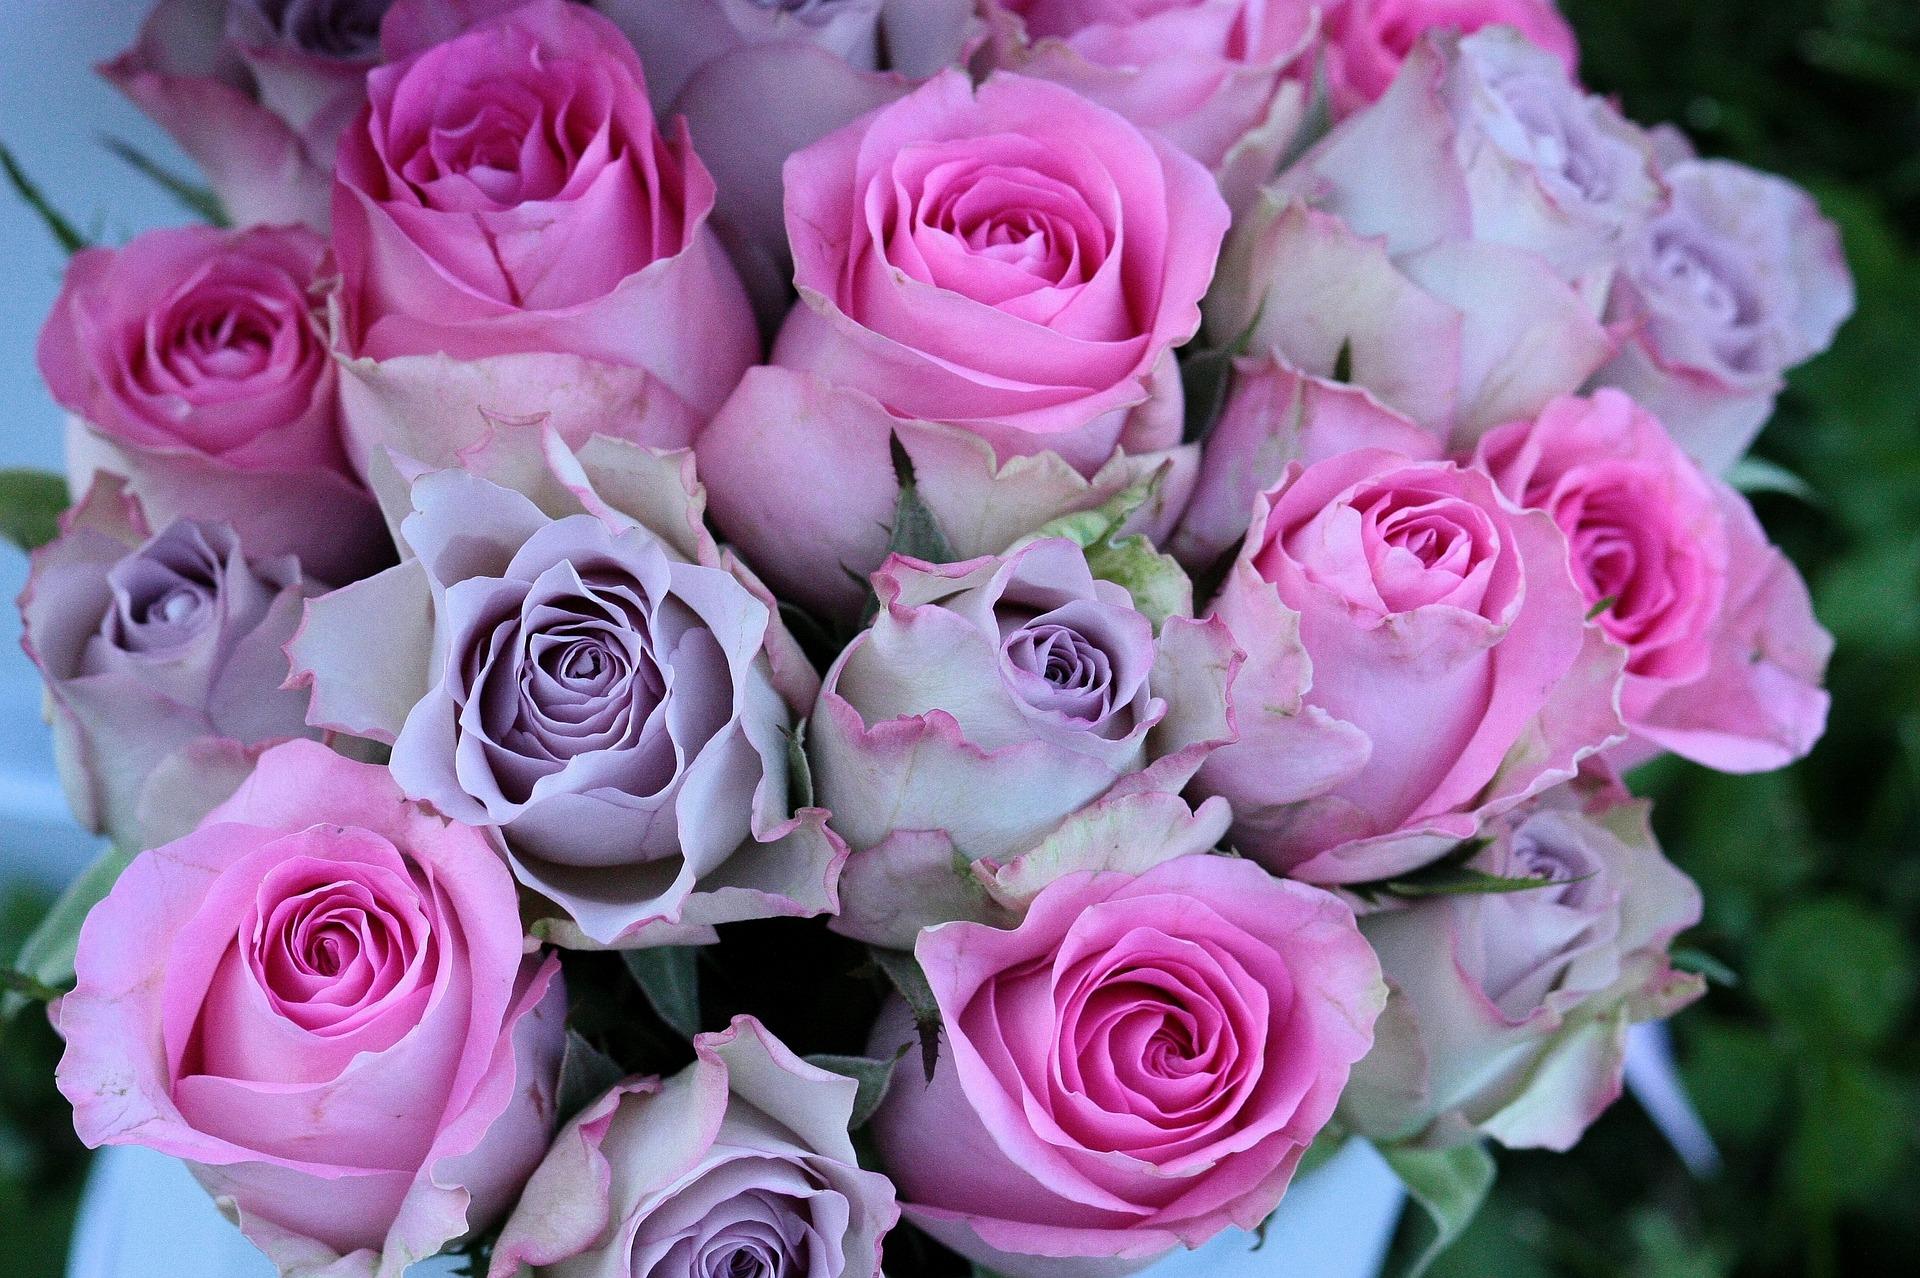 صورة اجمل صور الورد , الجمال يتكلم بحب 5915 2